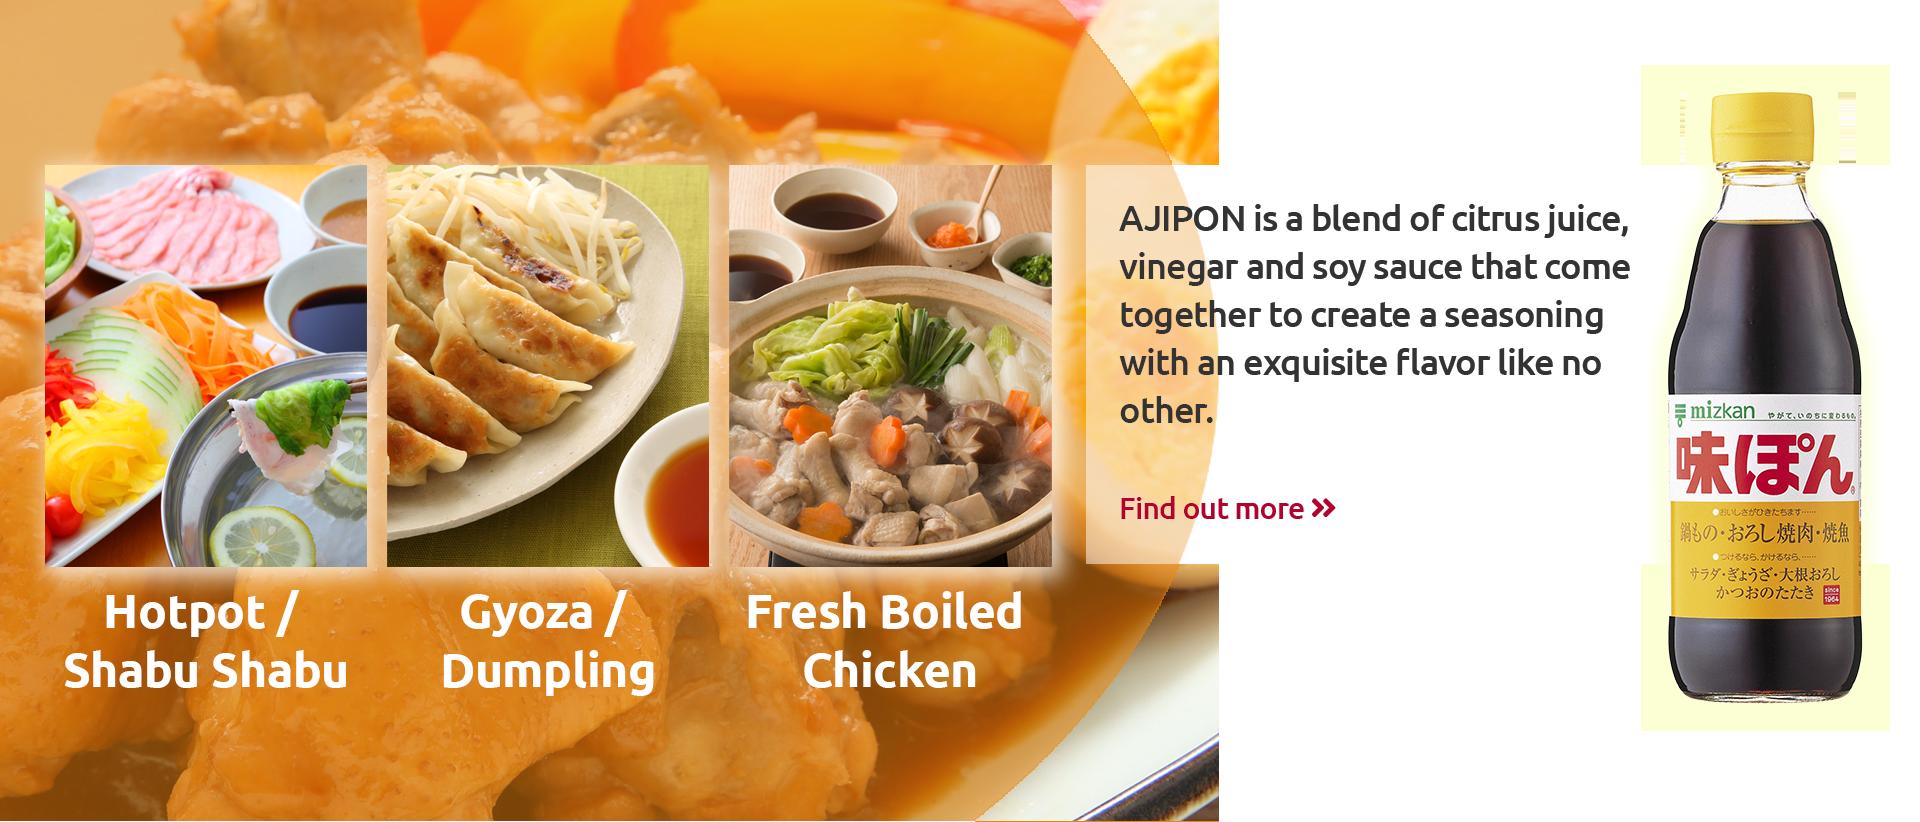 What kind of seasoning is Ajipon?